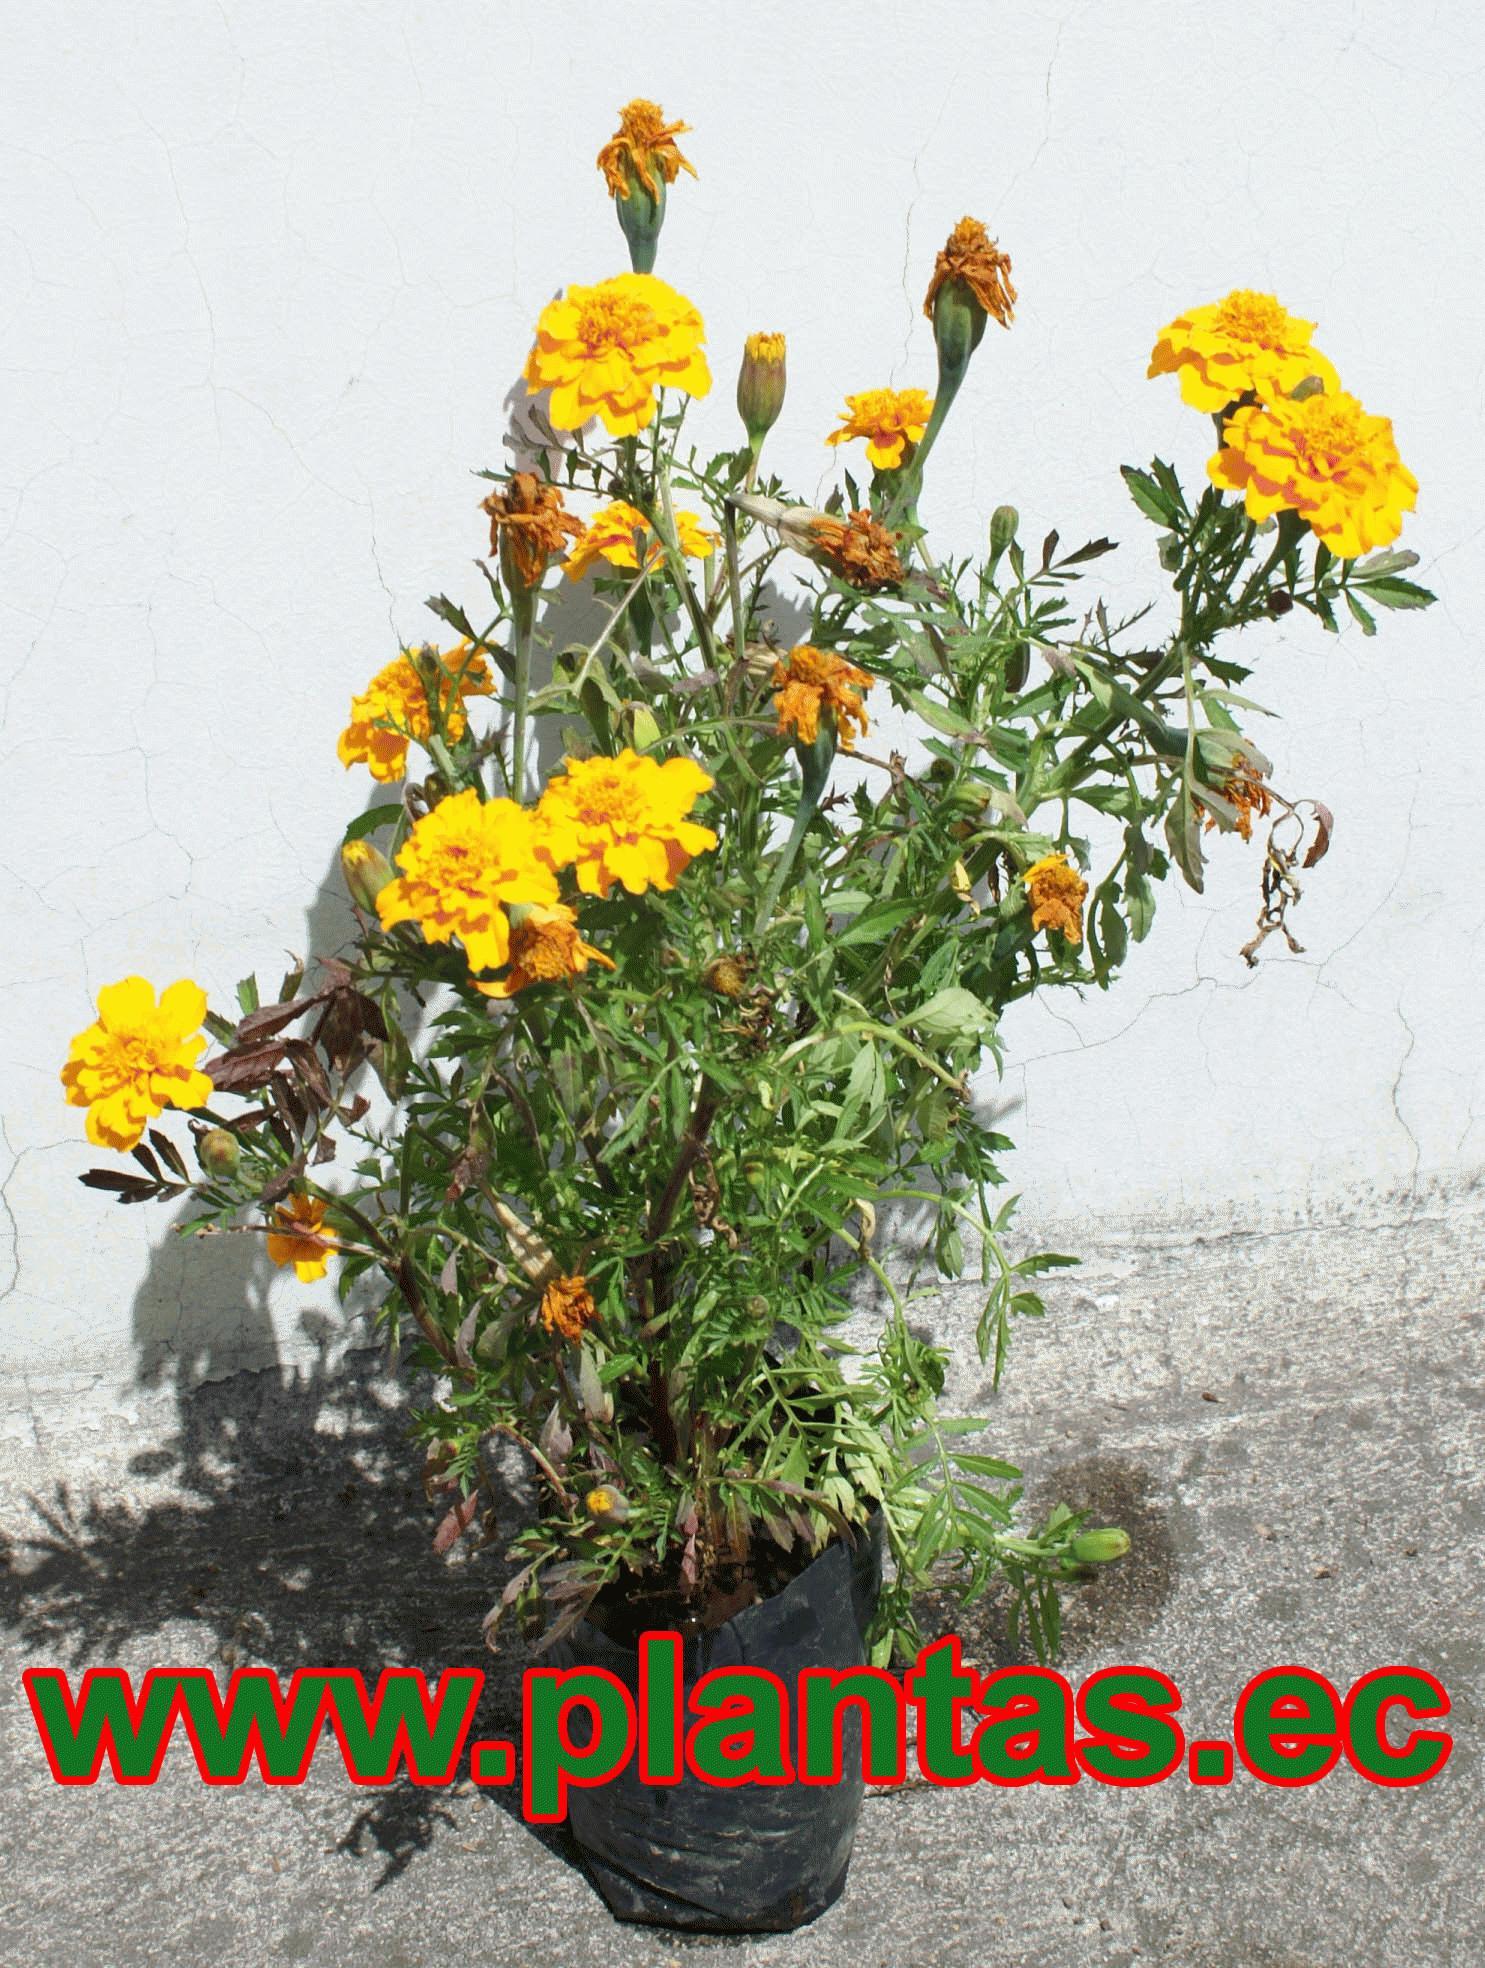 Marigola arboles frutales plantas ornamentales y for Hierbas ornamentales